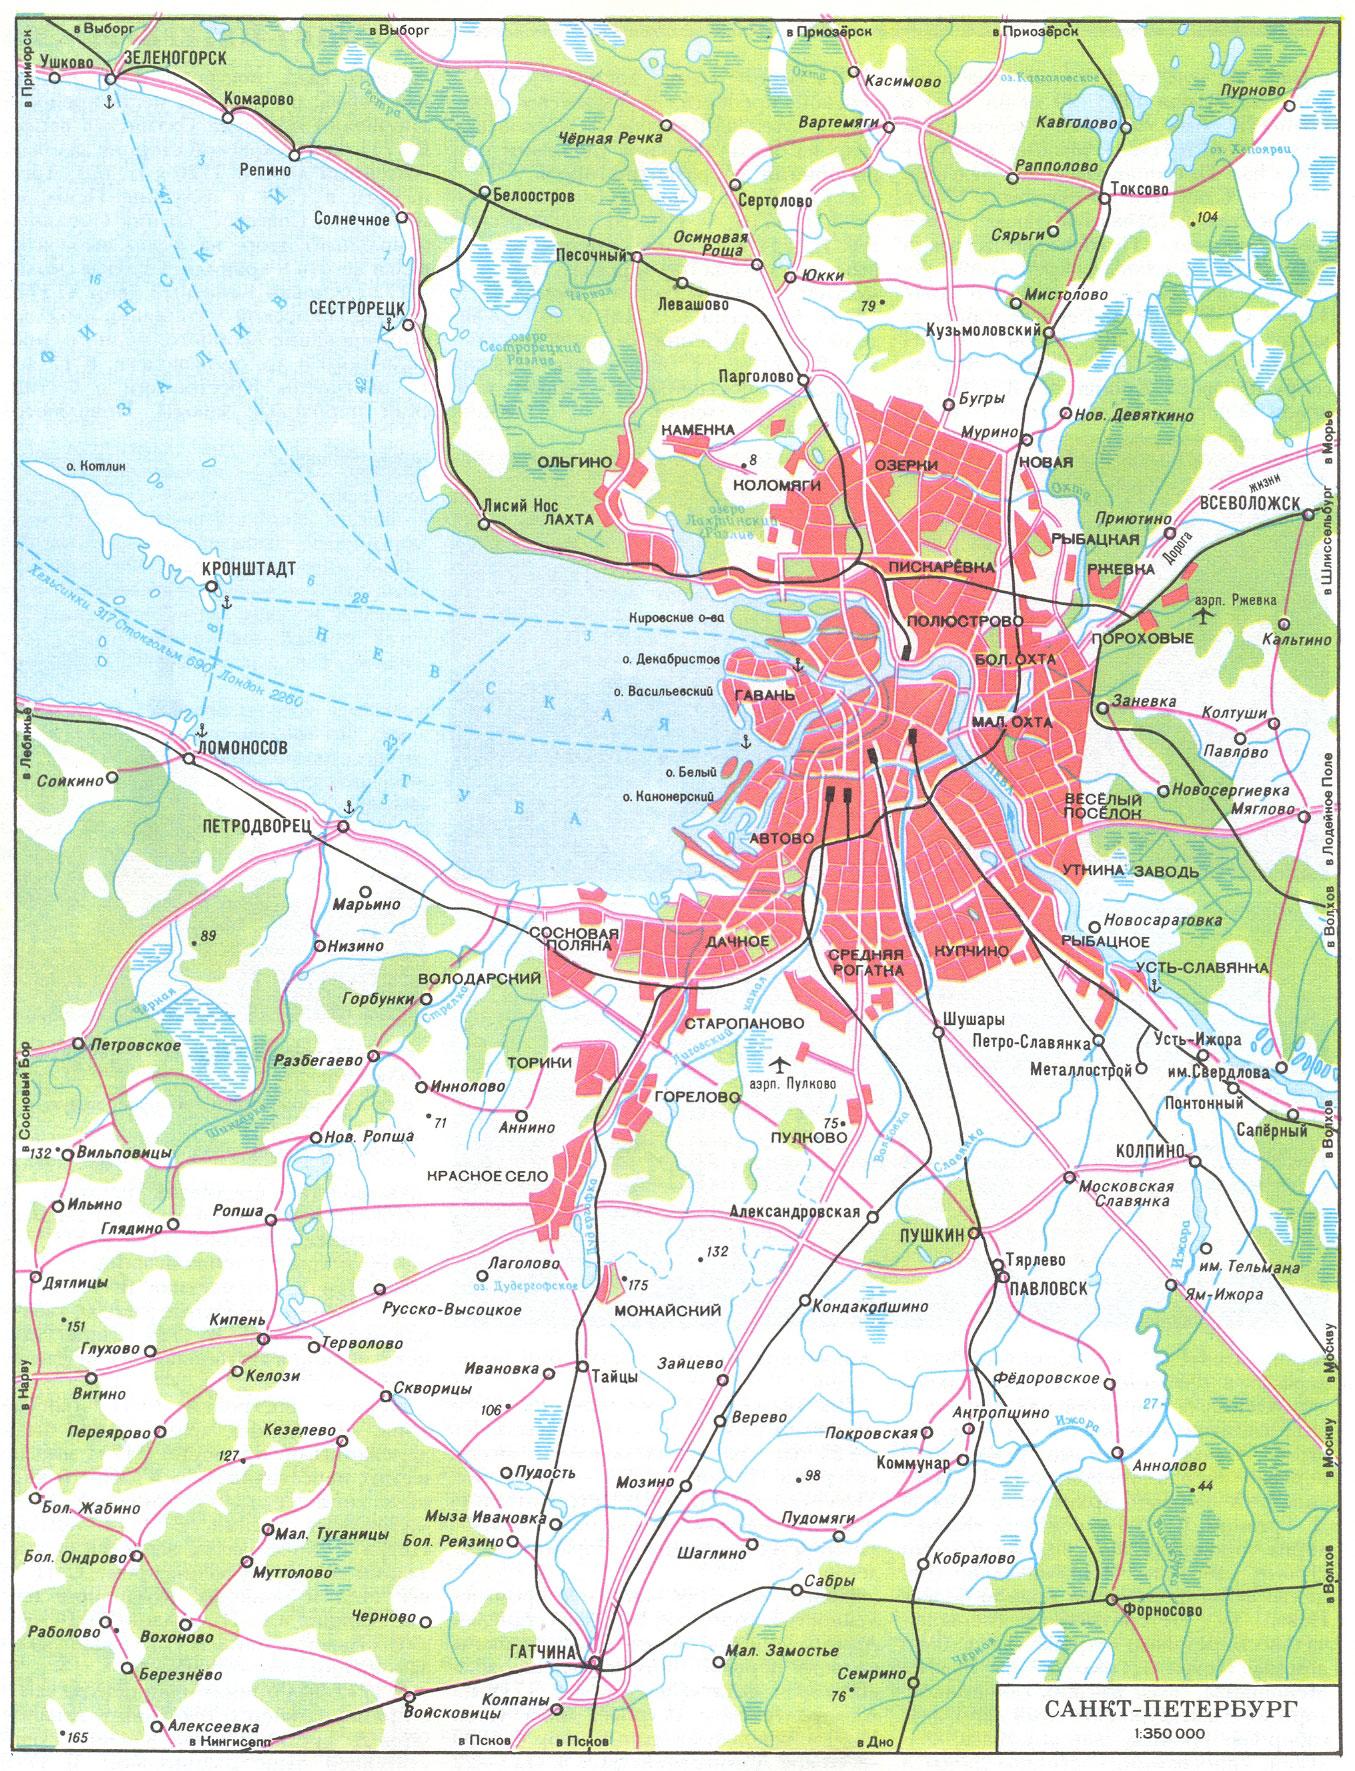 Подробная карта окрестностей санкт